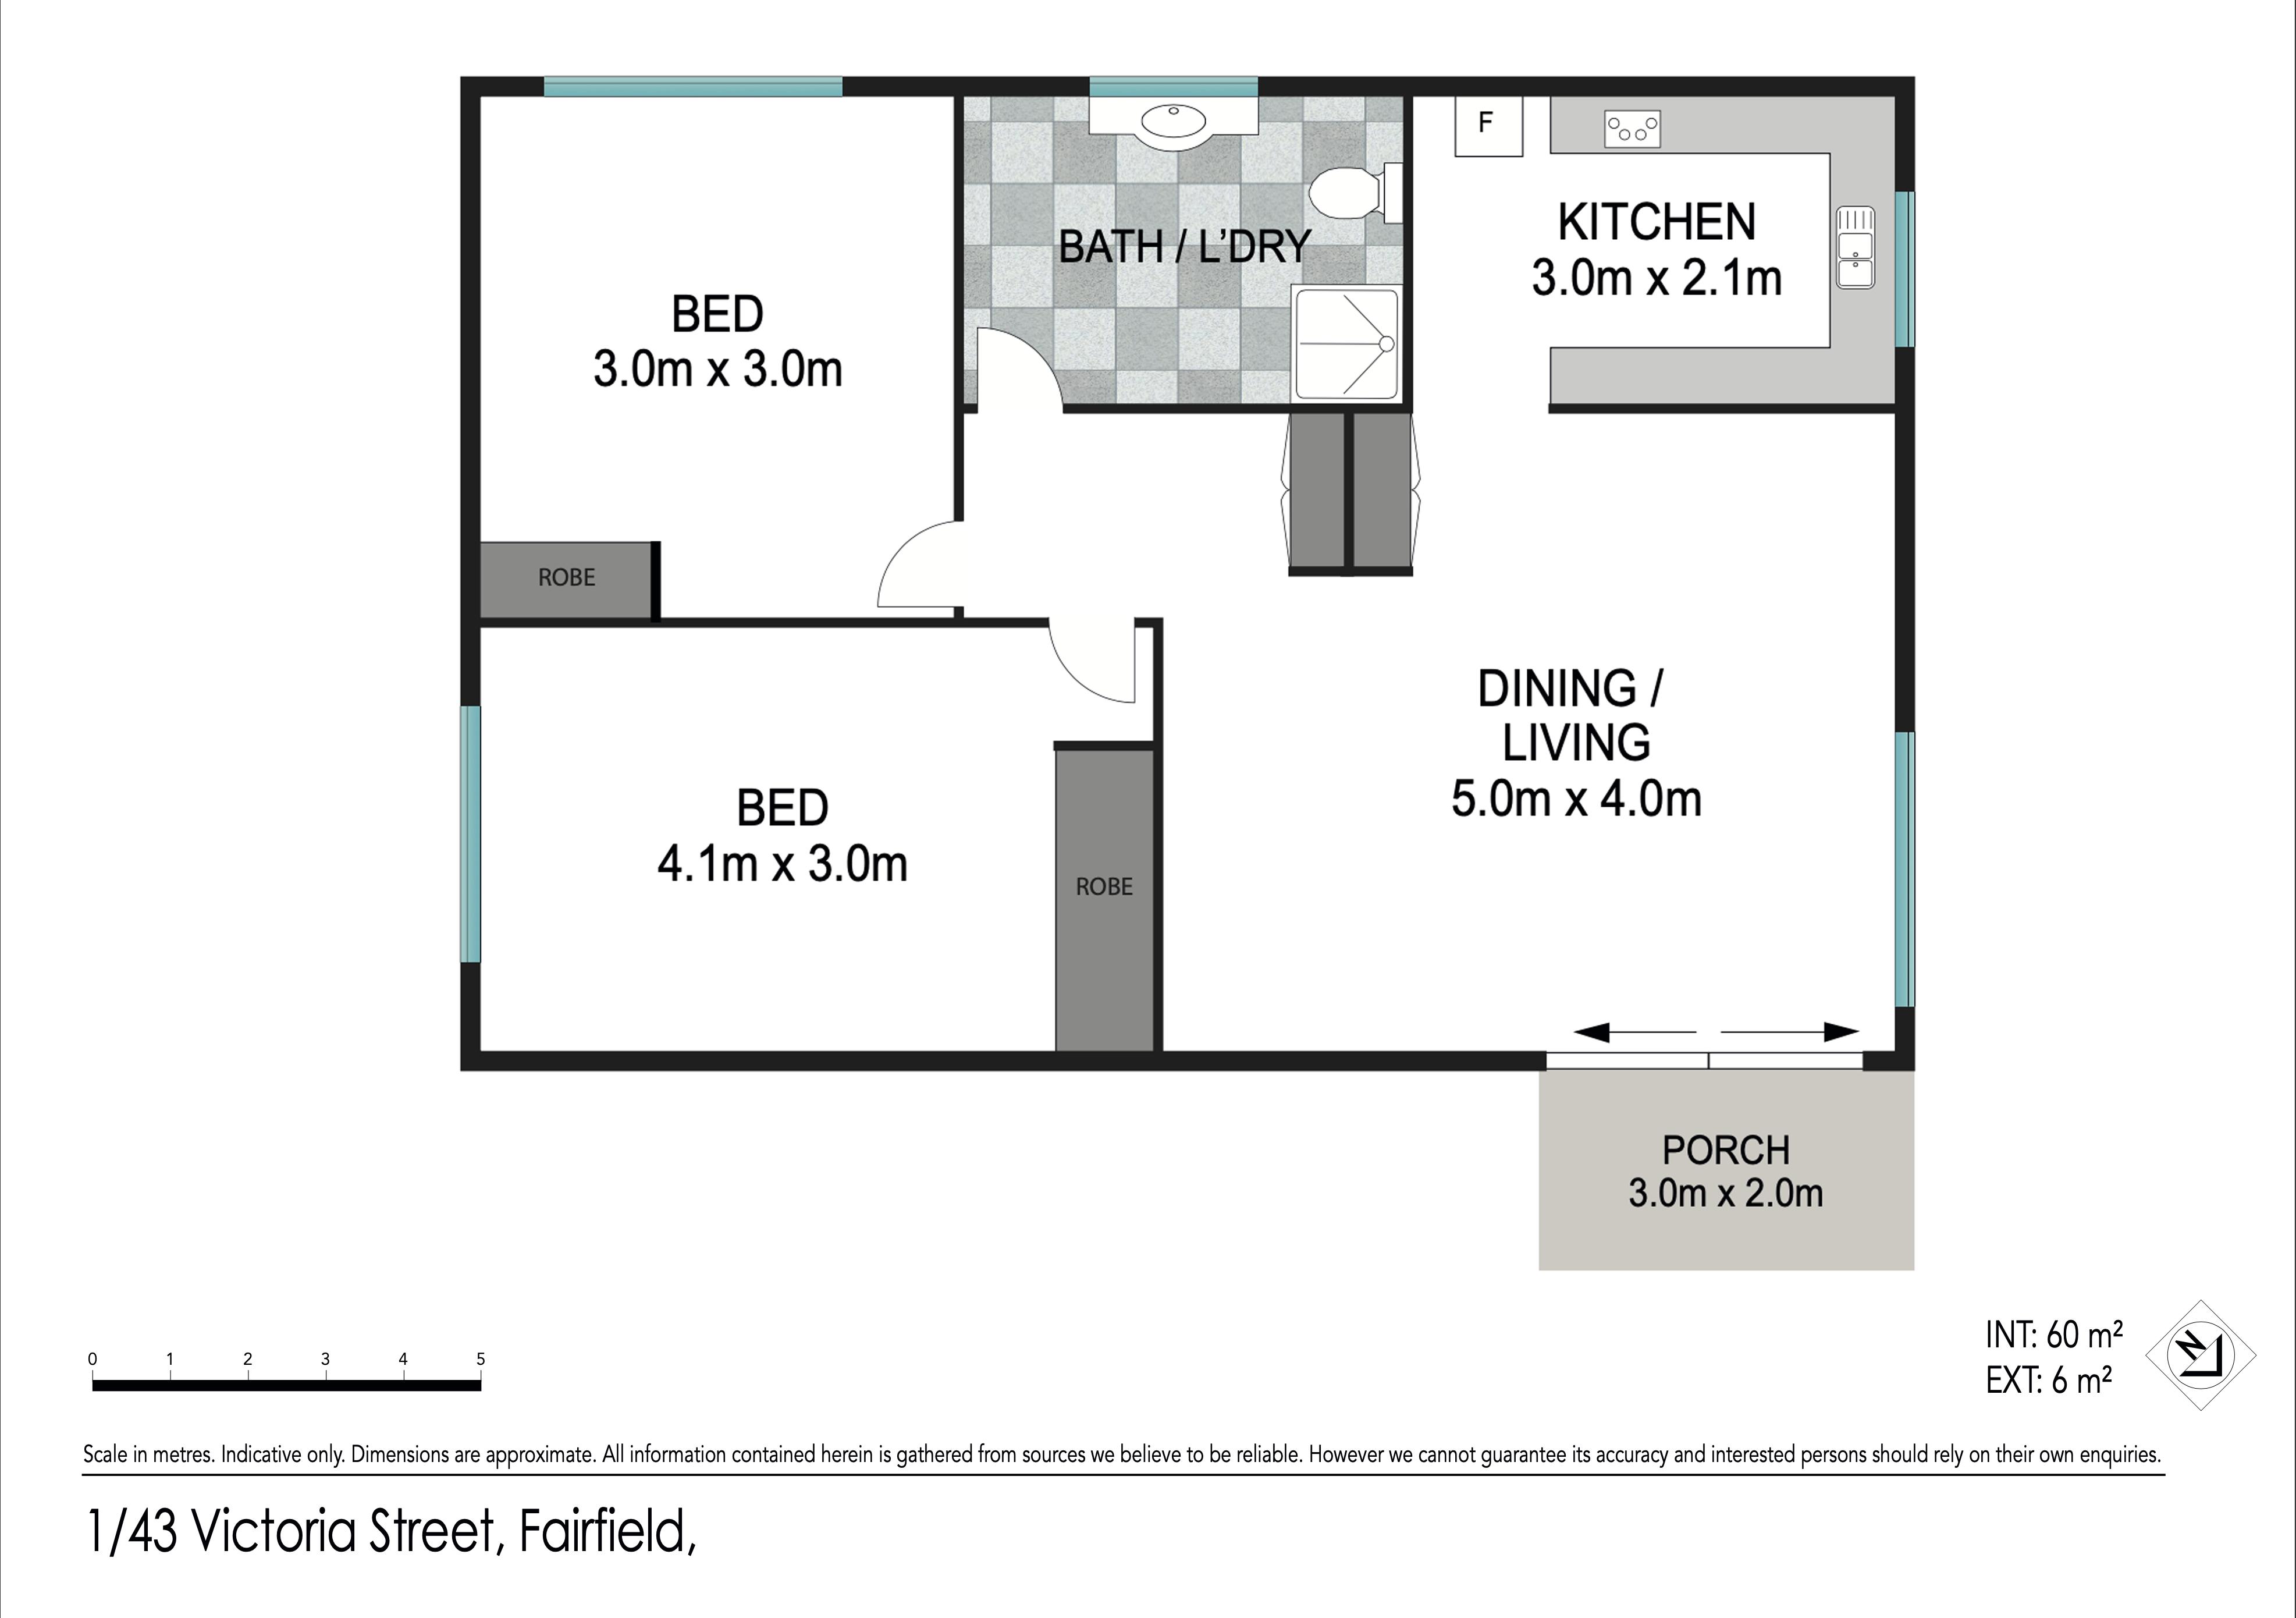 Floor plan 1/43 Victoria Street, Fairfield